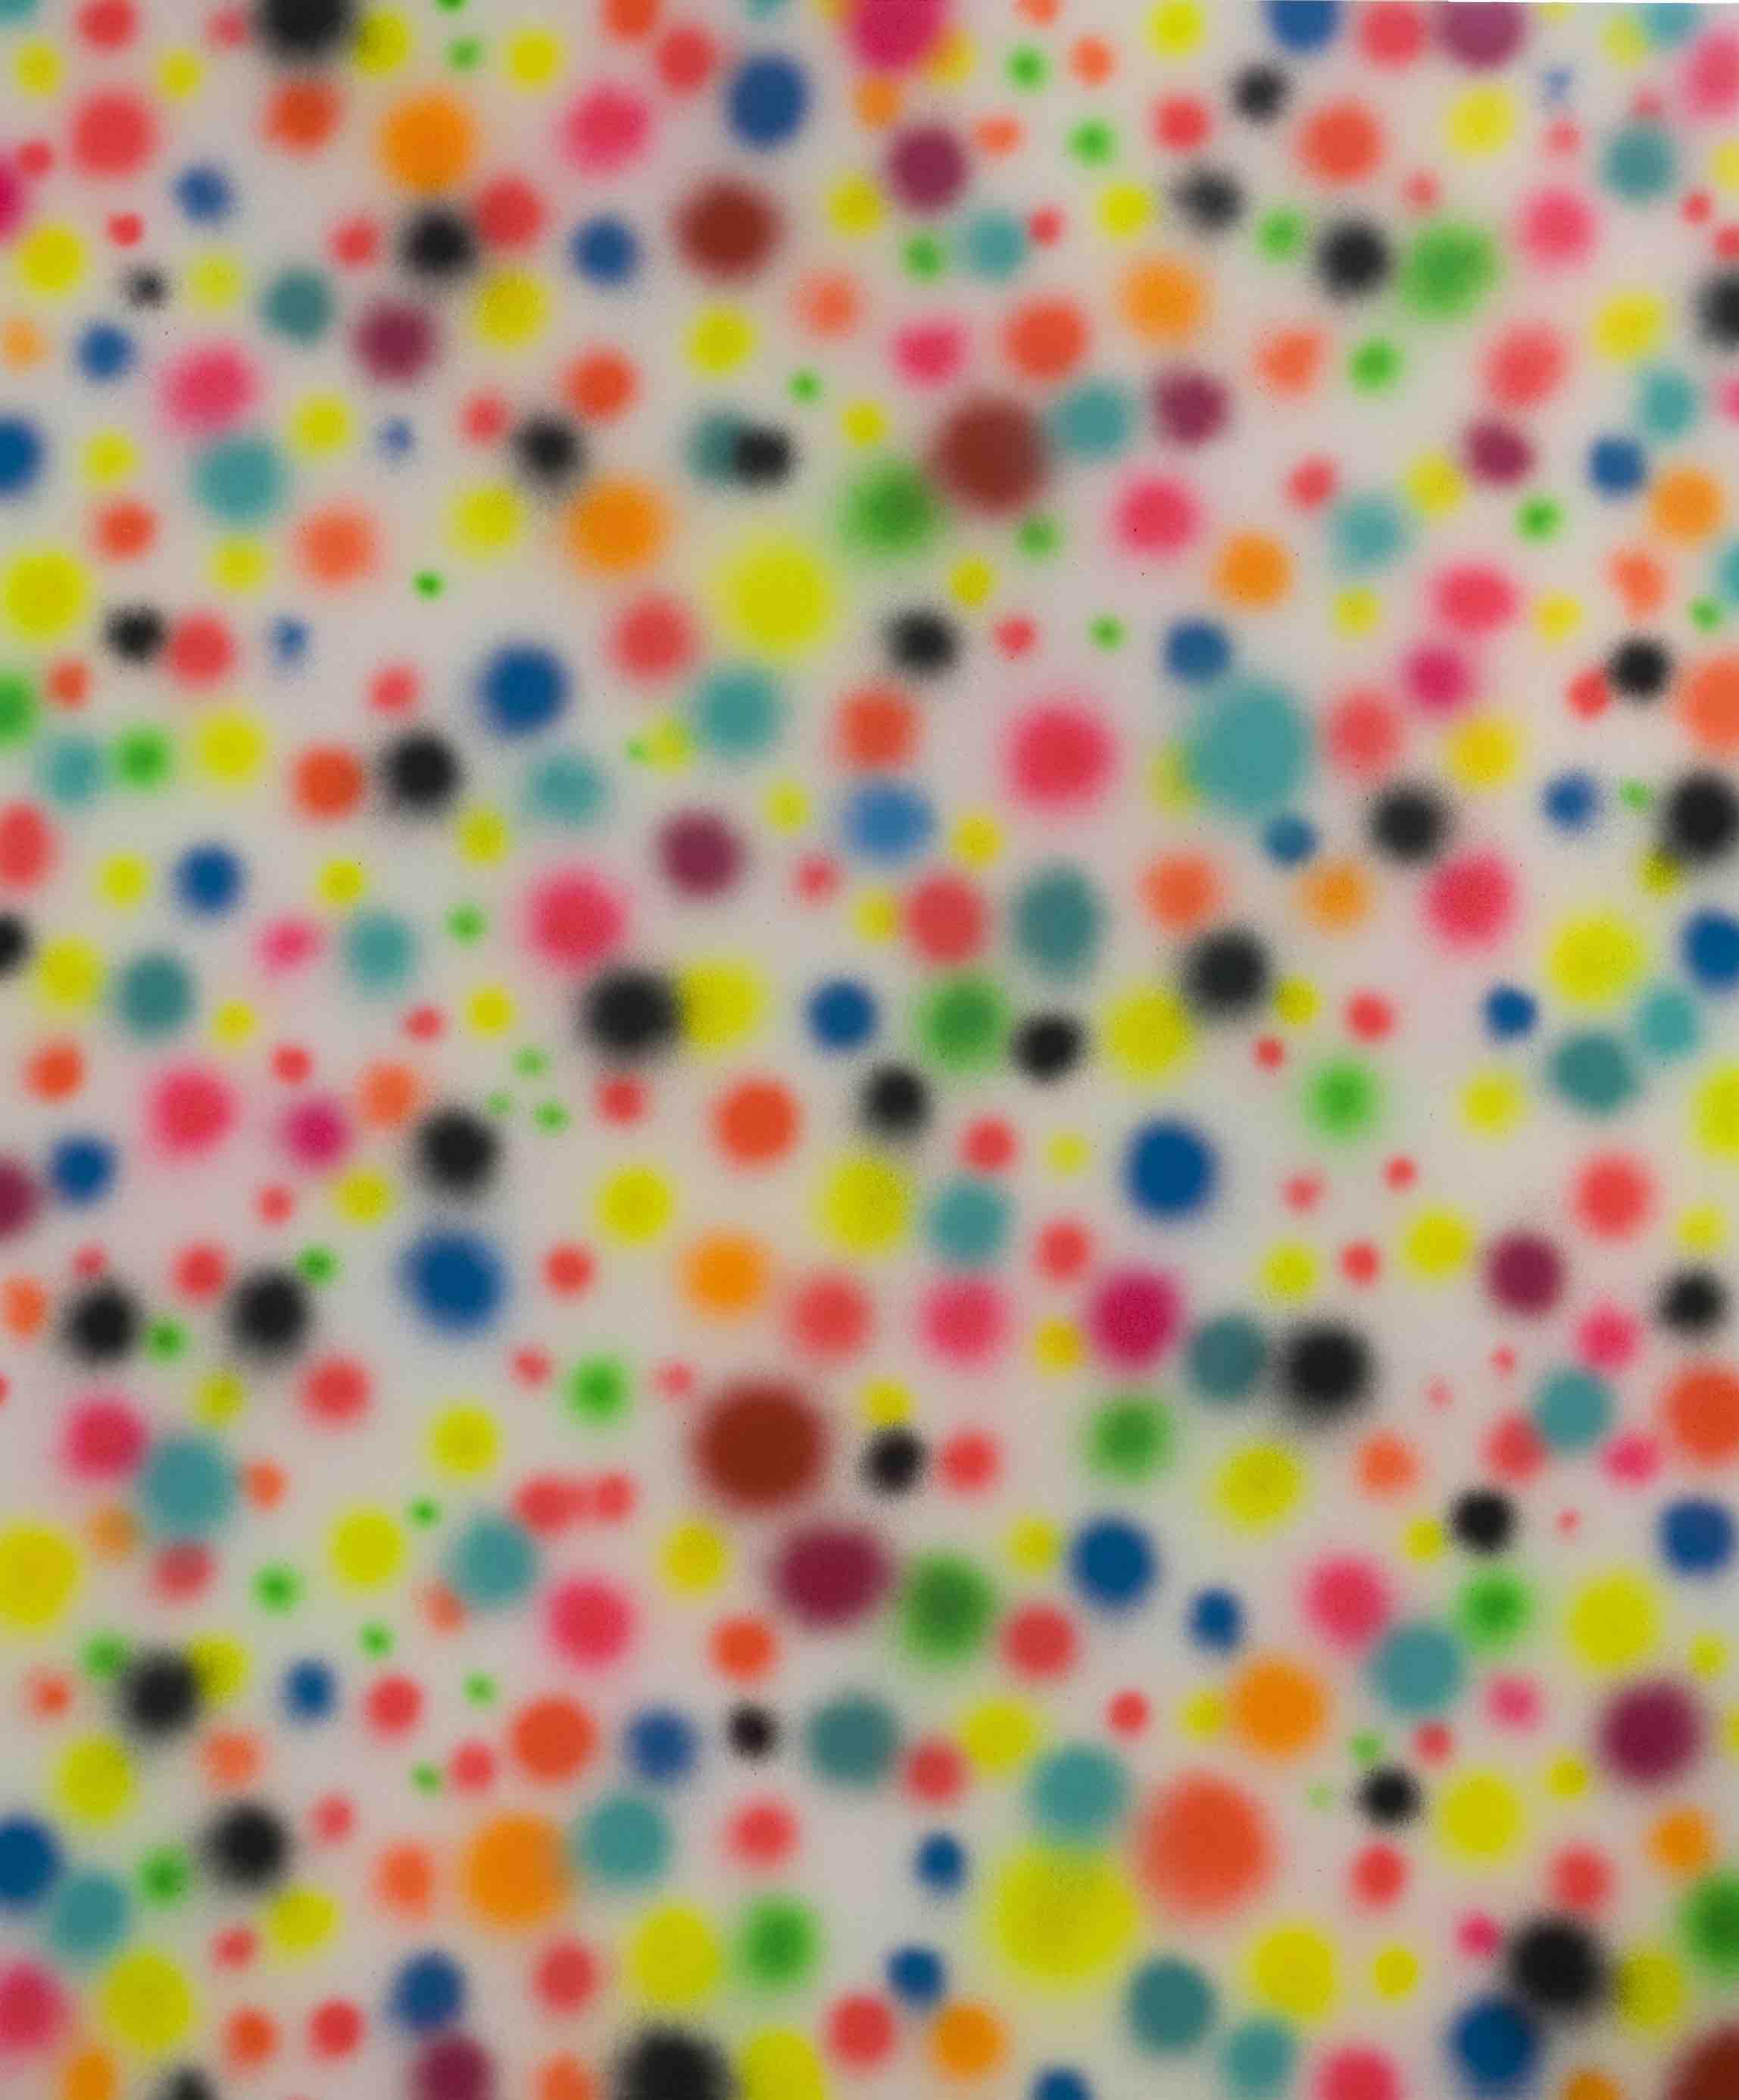 Daniele Innamorato, 20 (Inguardabile), acrilico su tela, 180x150 cmq, 2014